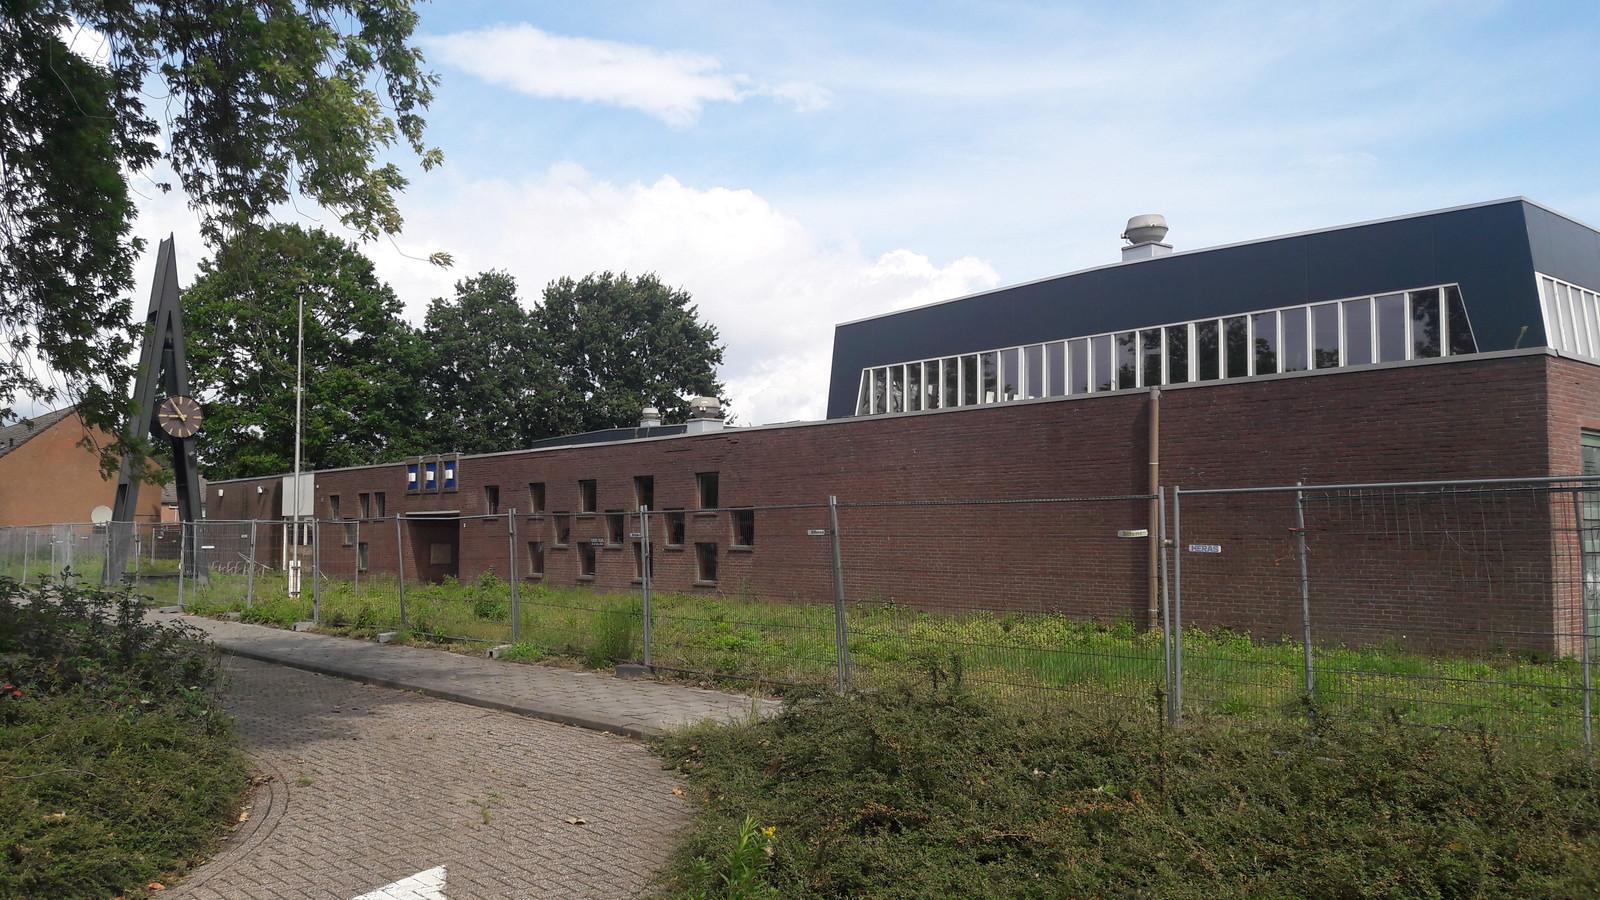 Voormalige Opstandingskerk aan de Bellamystraat in Terneuzen, tegenover winkelcentrum Zuidpolder.